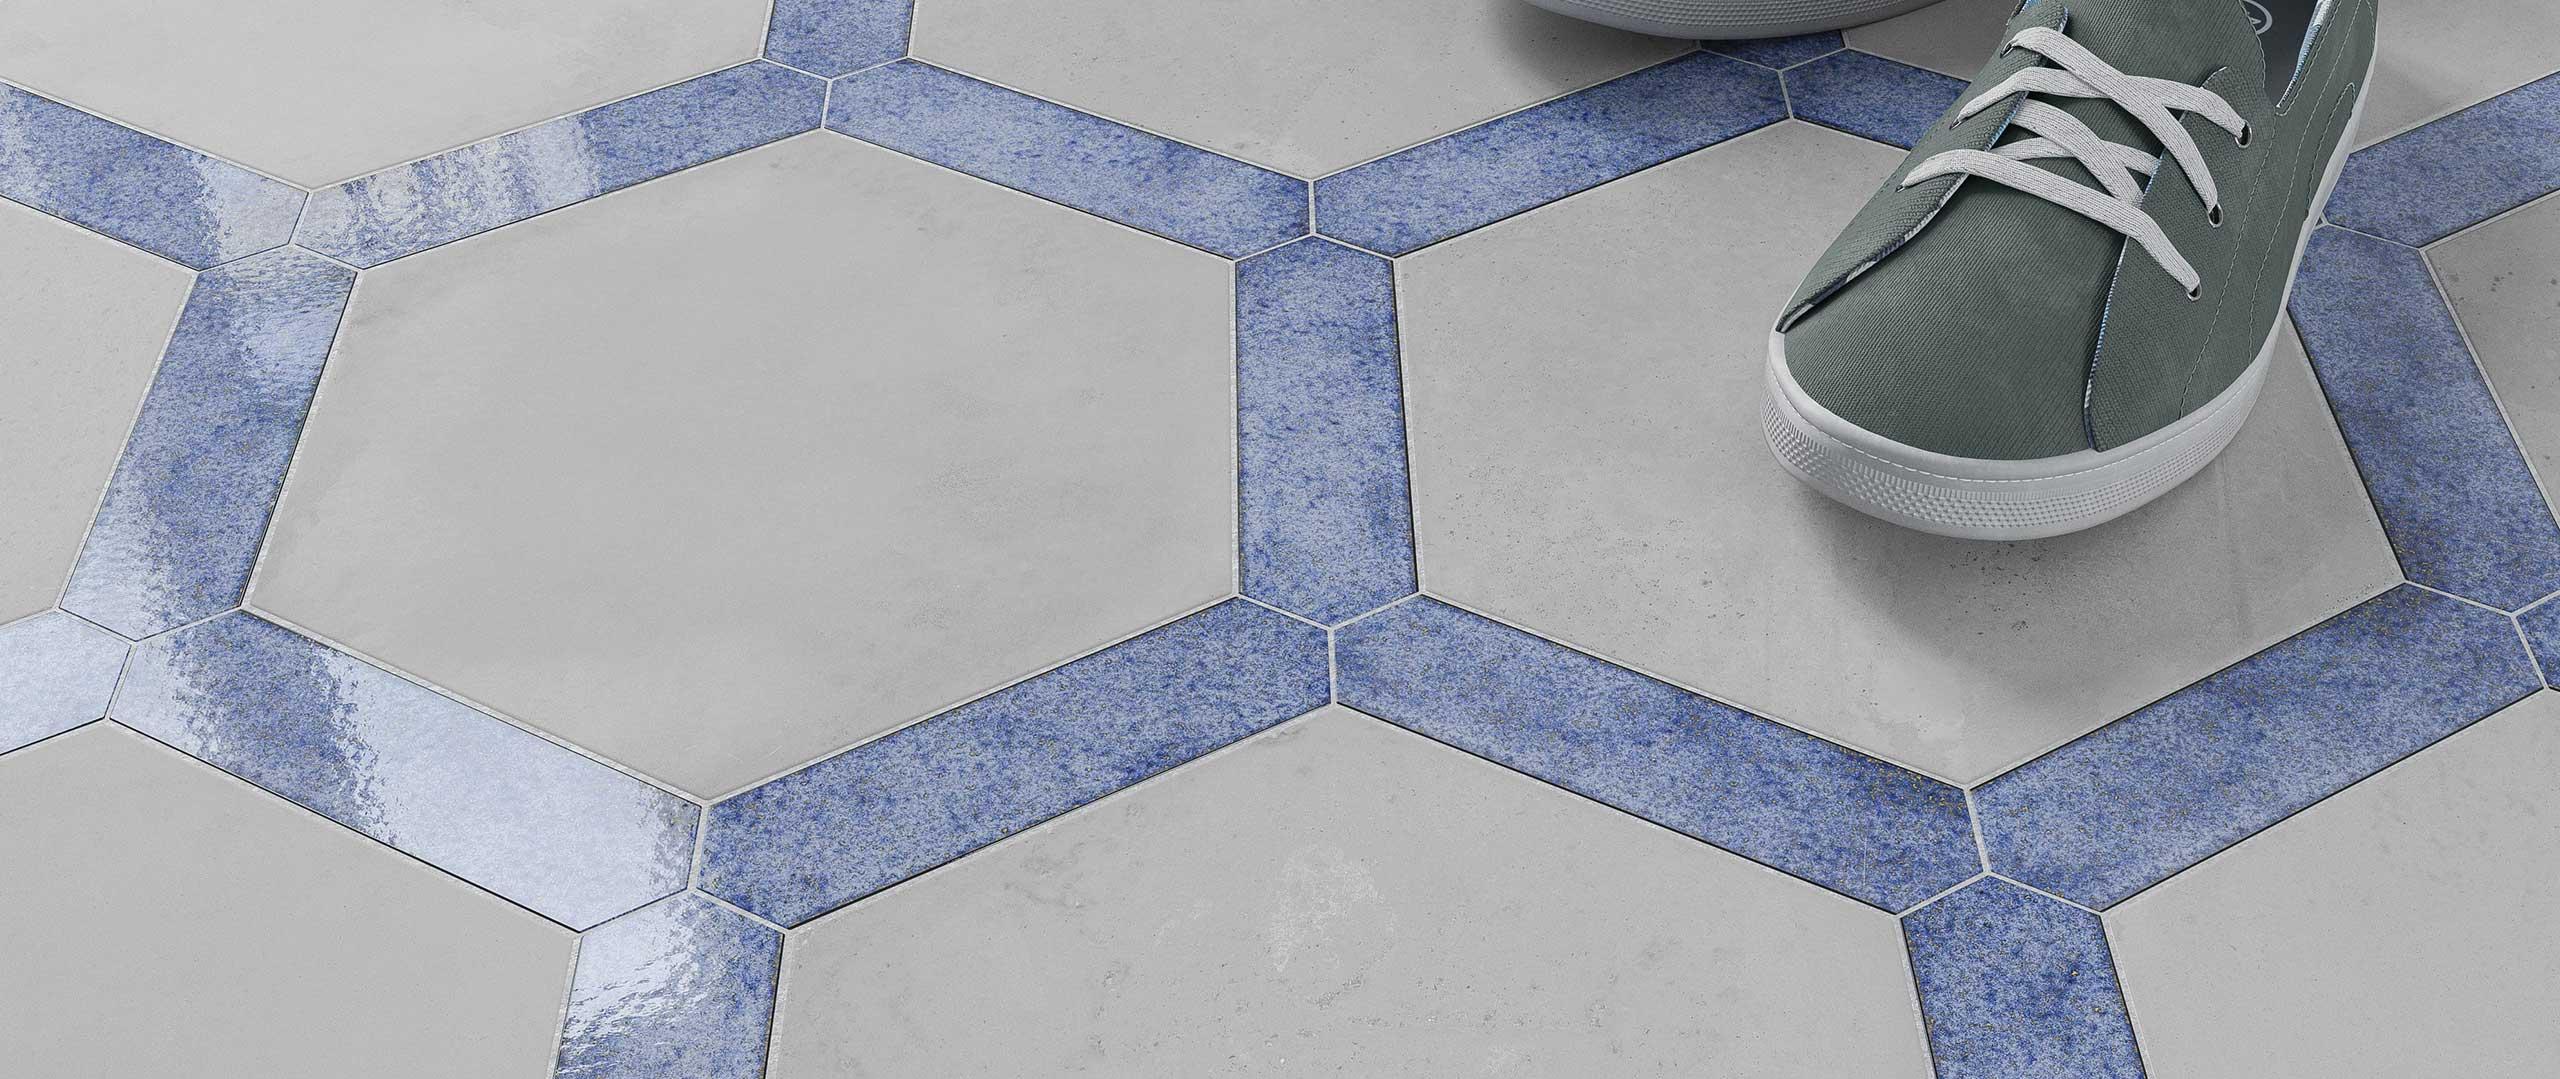 Podłoga Wow Design - zestaw płytek dostępny w Internity Home i Prodesigne